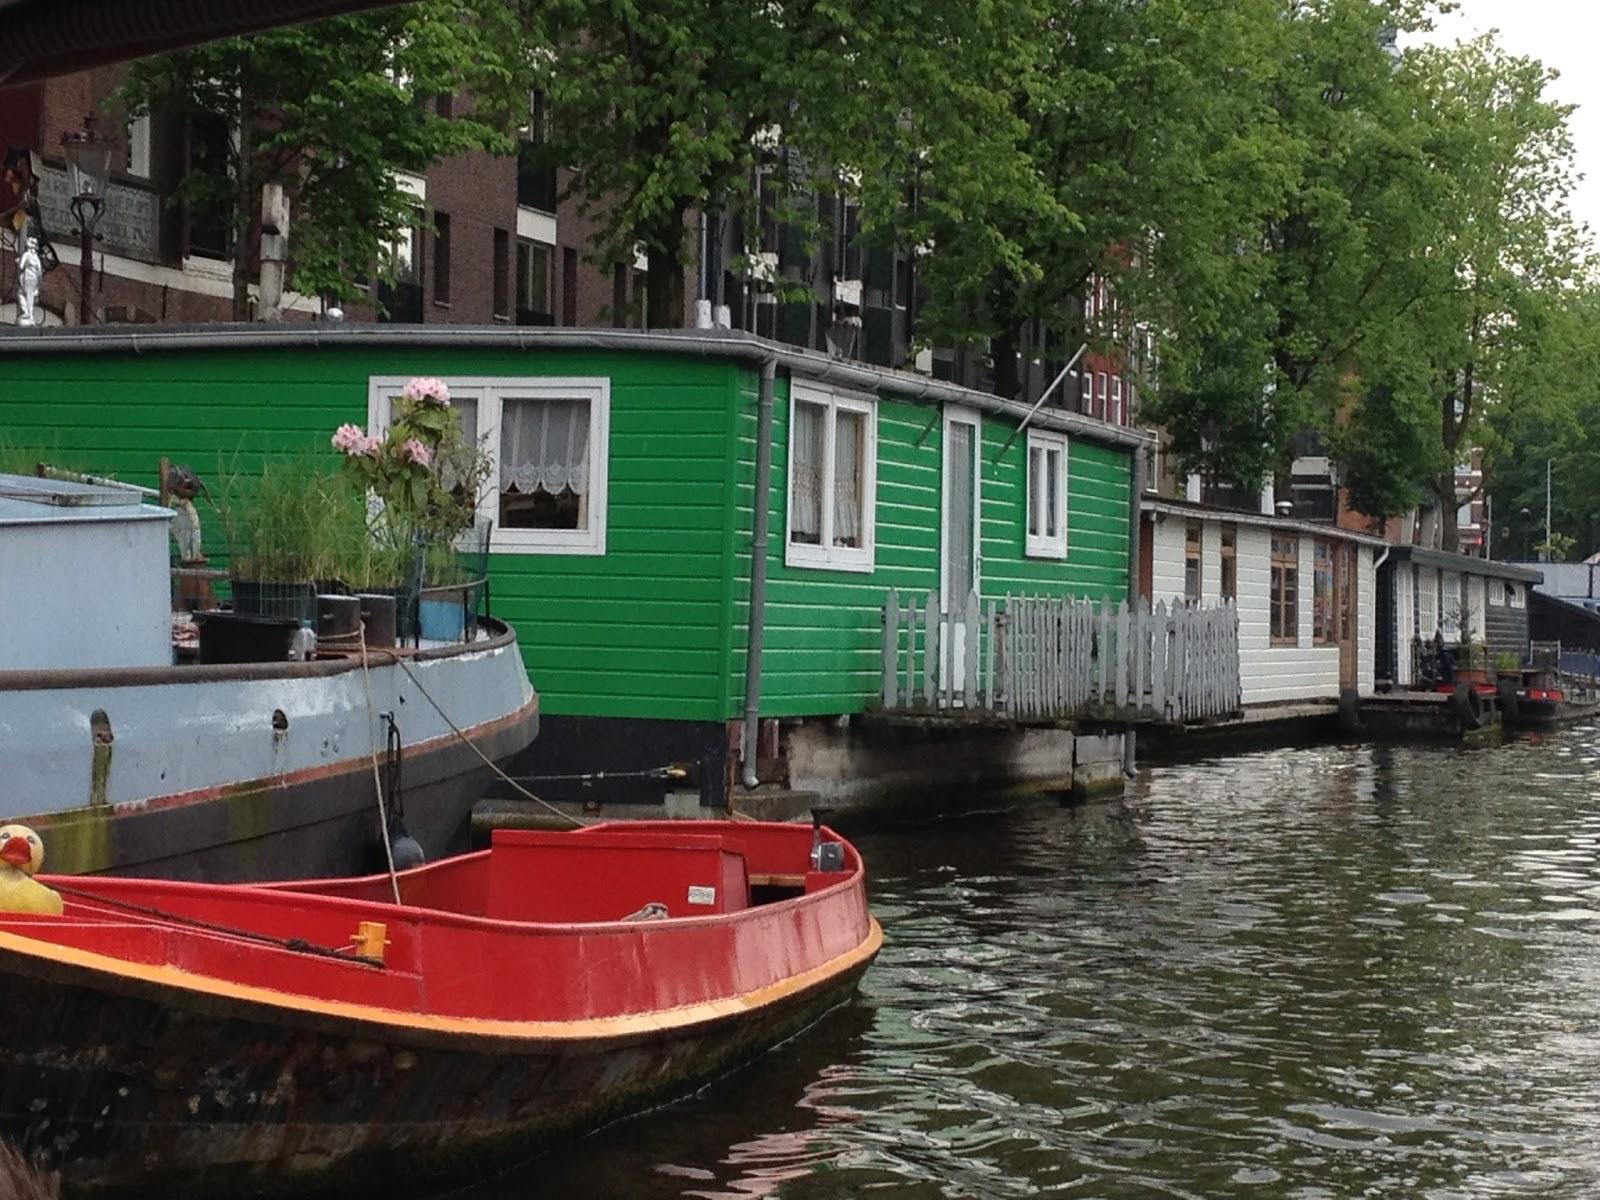 Tre giorni ad amsterdam una vacanza alternativa for Amsterdam vacanza